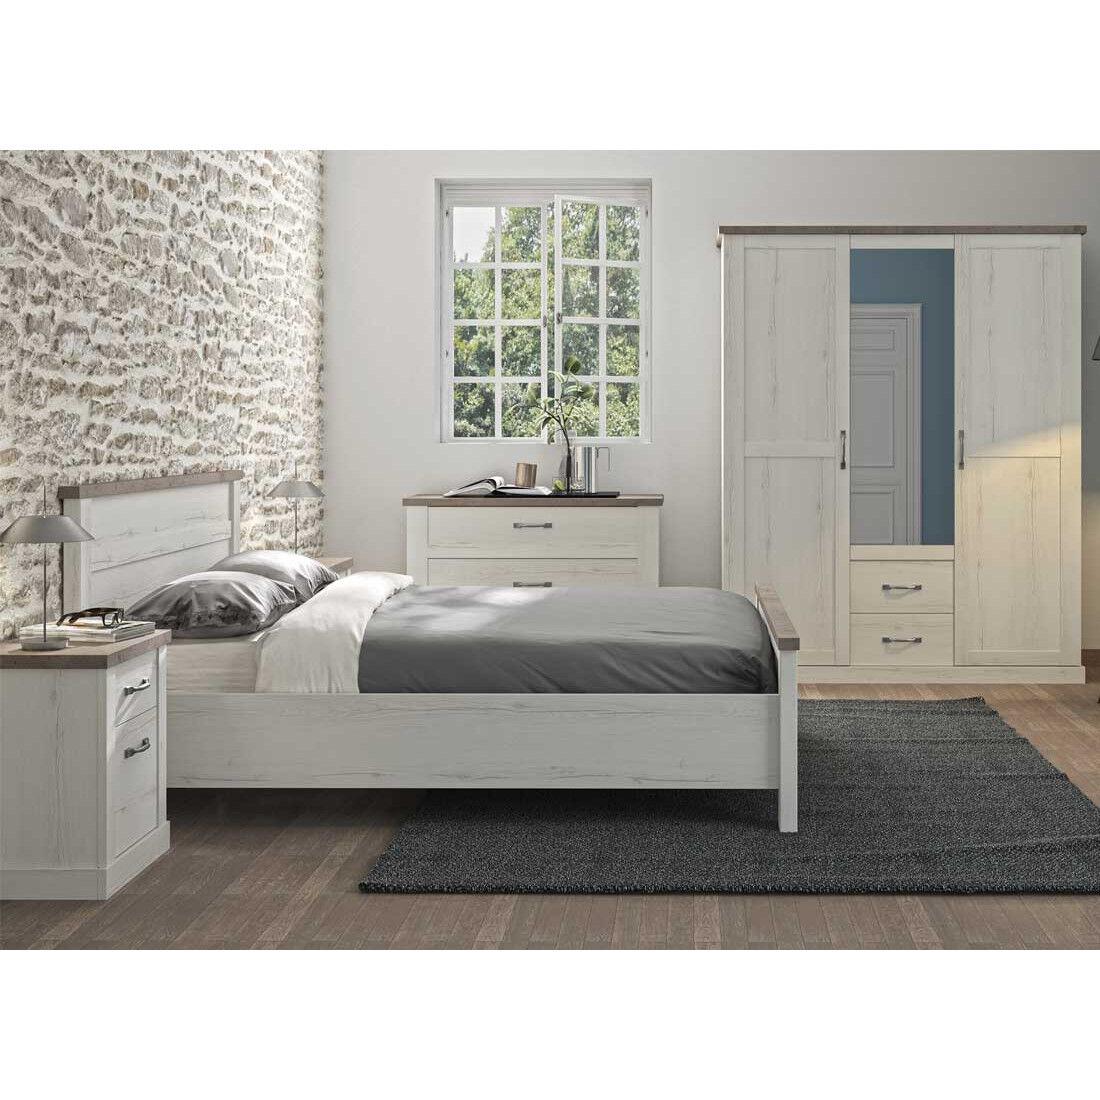 Tousmesmeubles Chambre Adulte Complète (160*200) Chêne blanchi/Béton - PERLE - L 176 x l 211 x H 100